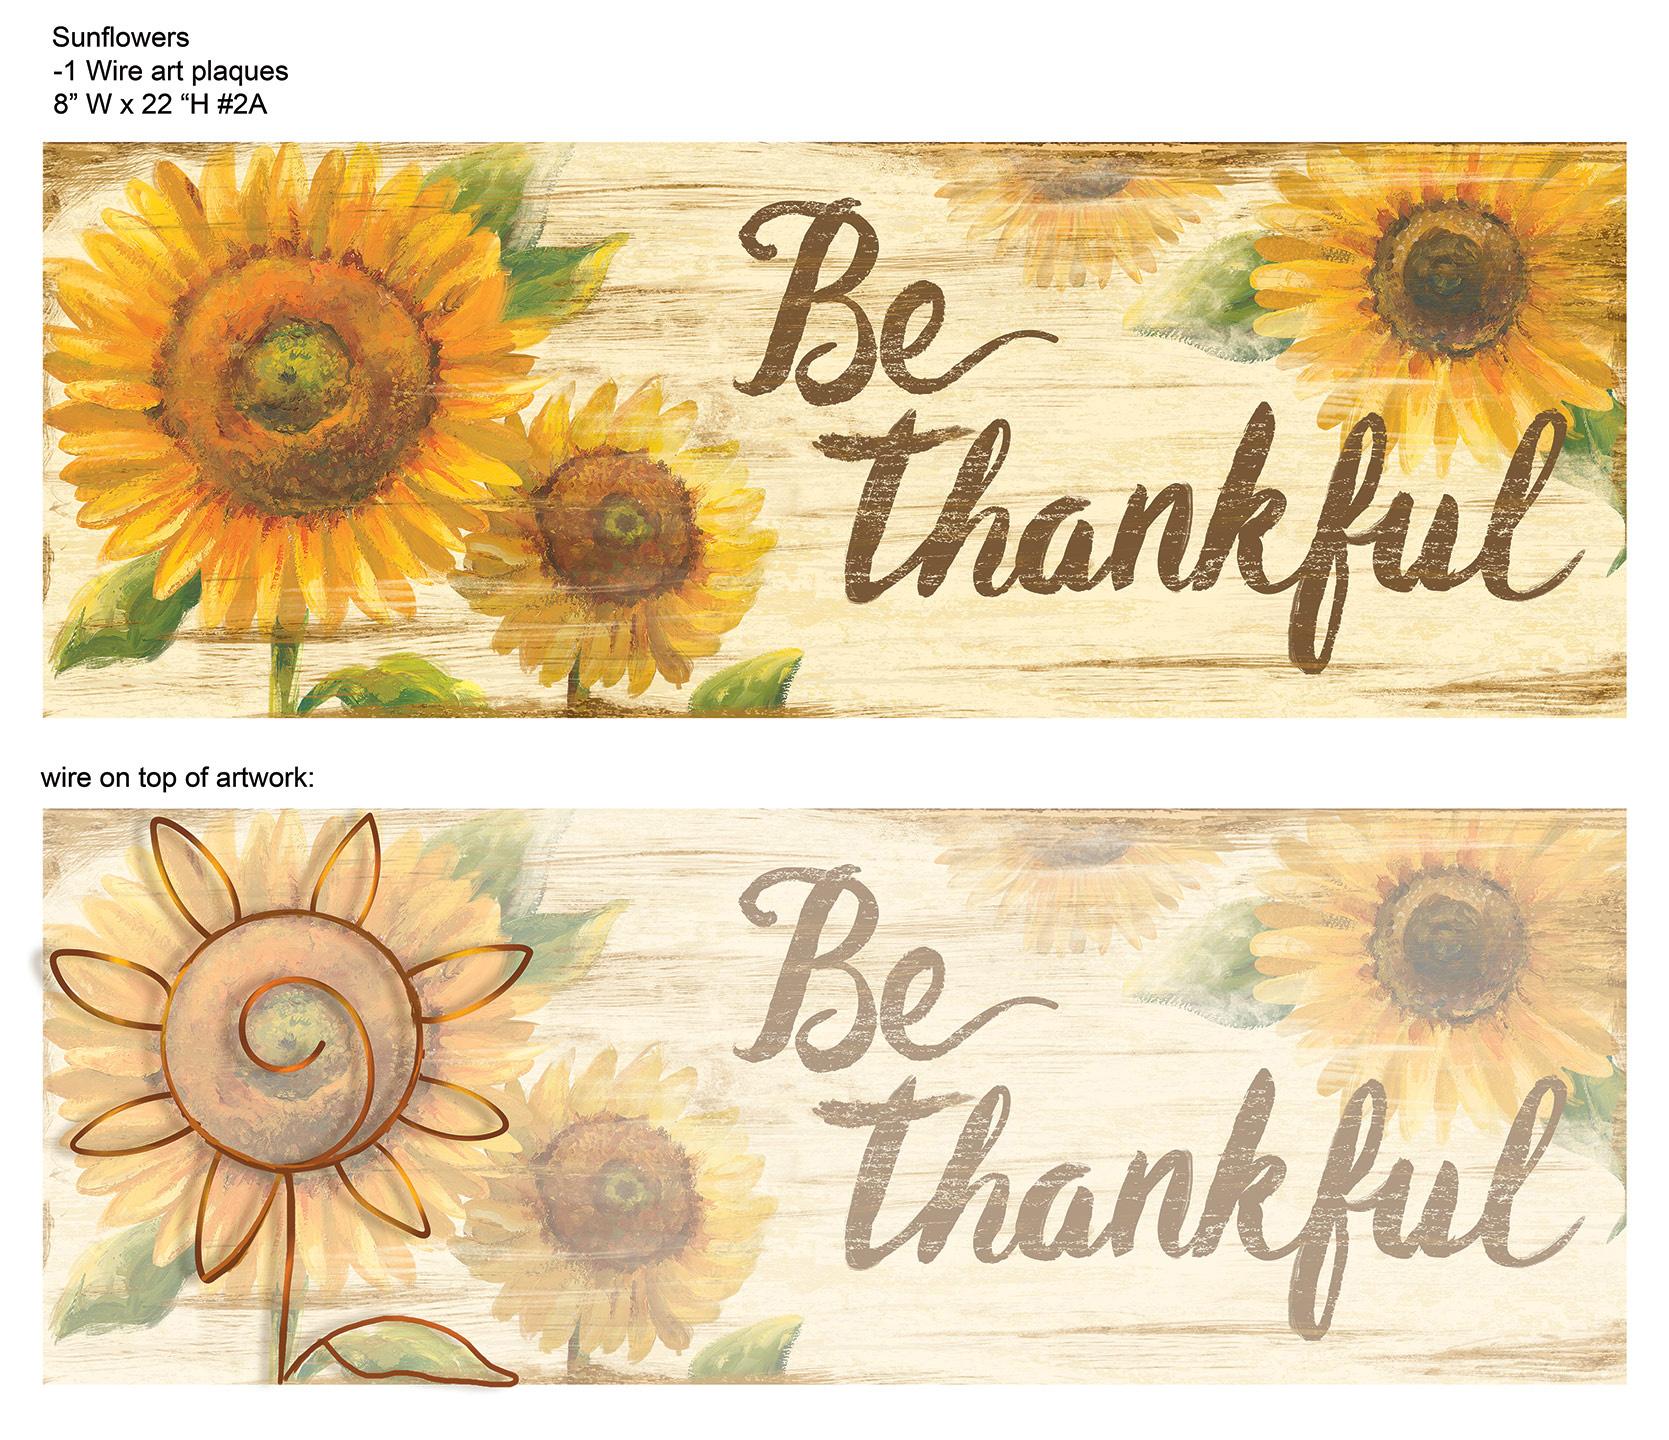 OB588-1-Sunflowers-plq-02.jpg